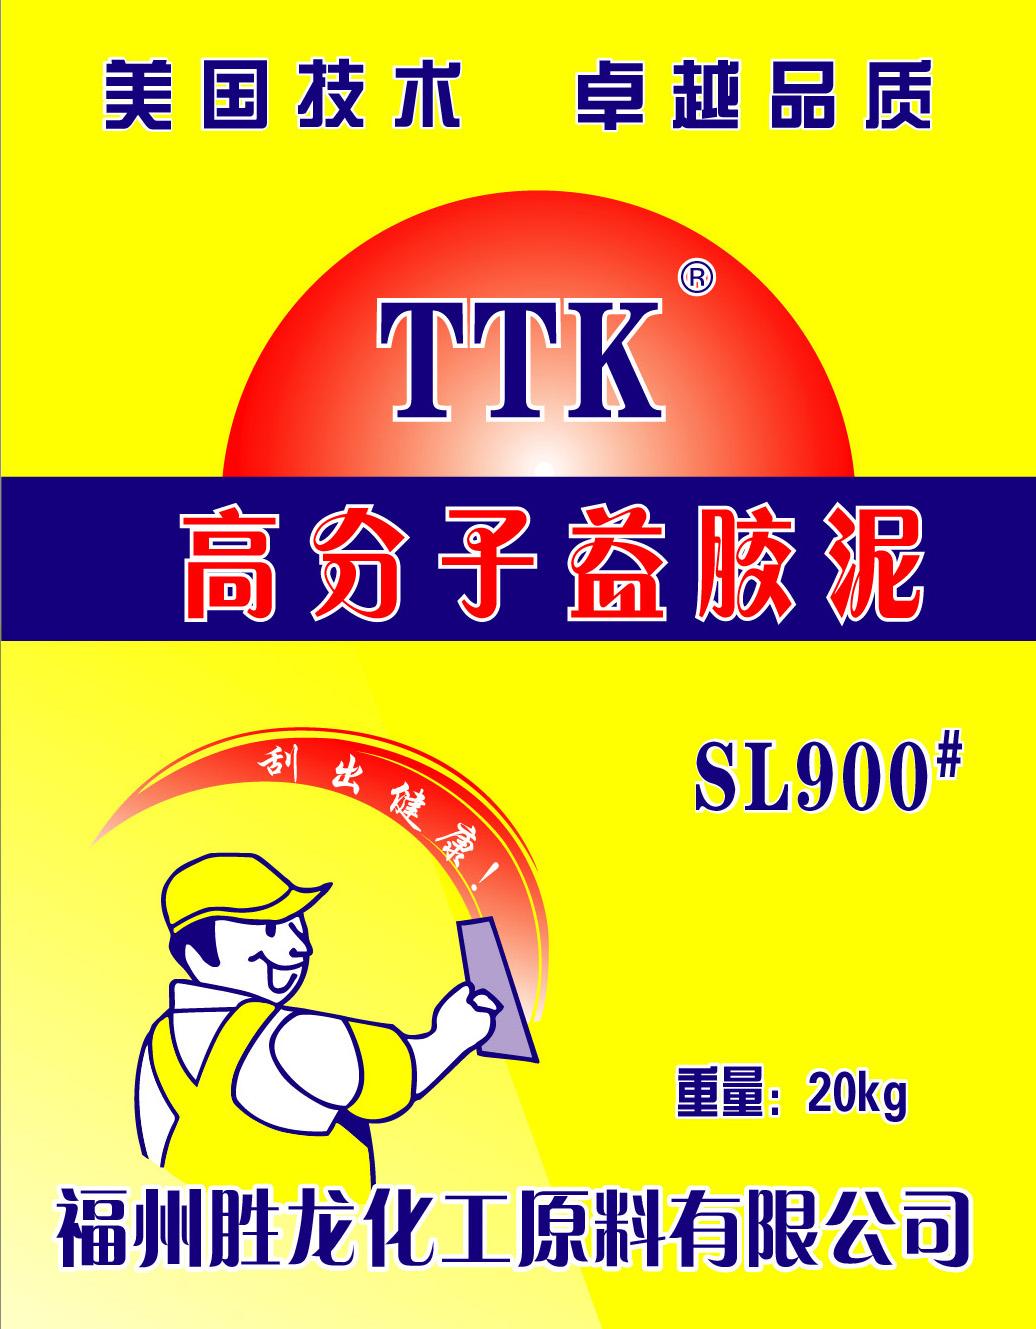 点击查看TTK胶胶泥详细说明